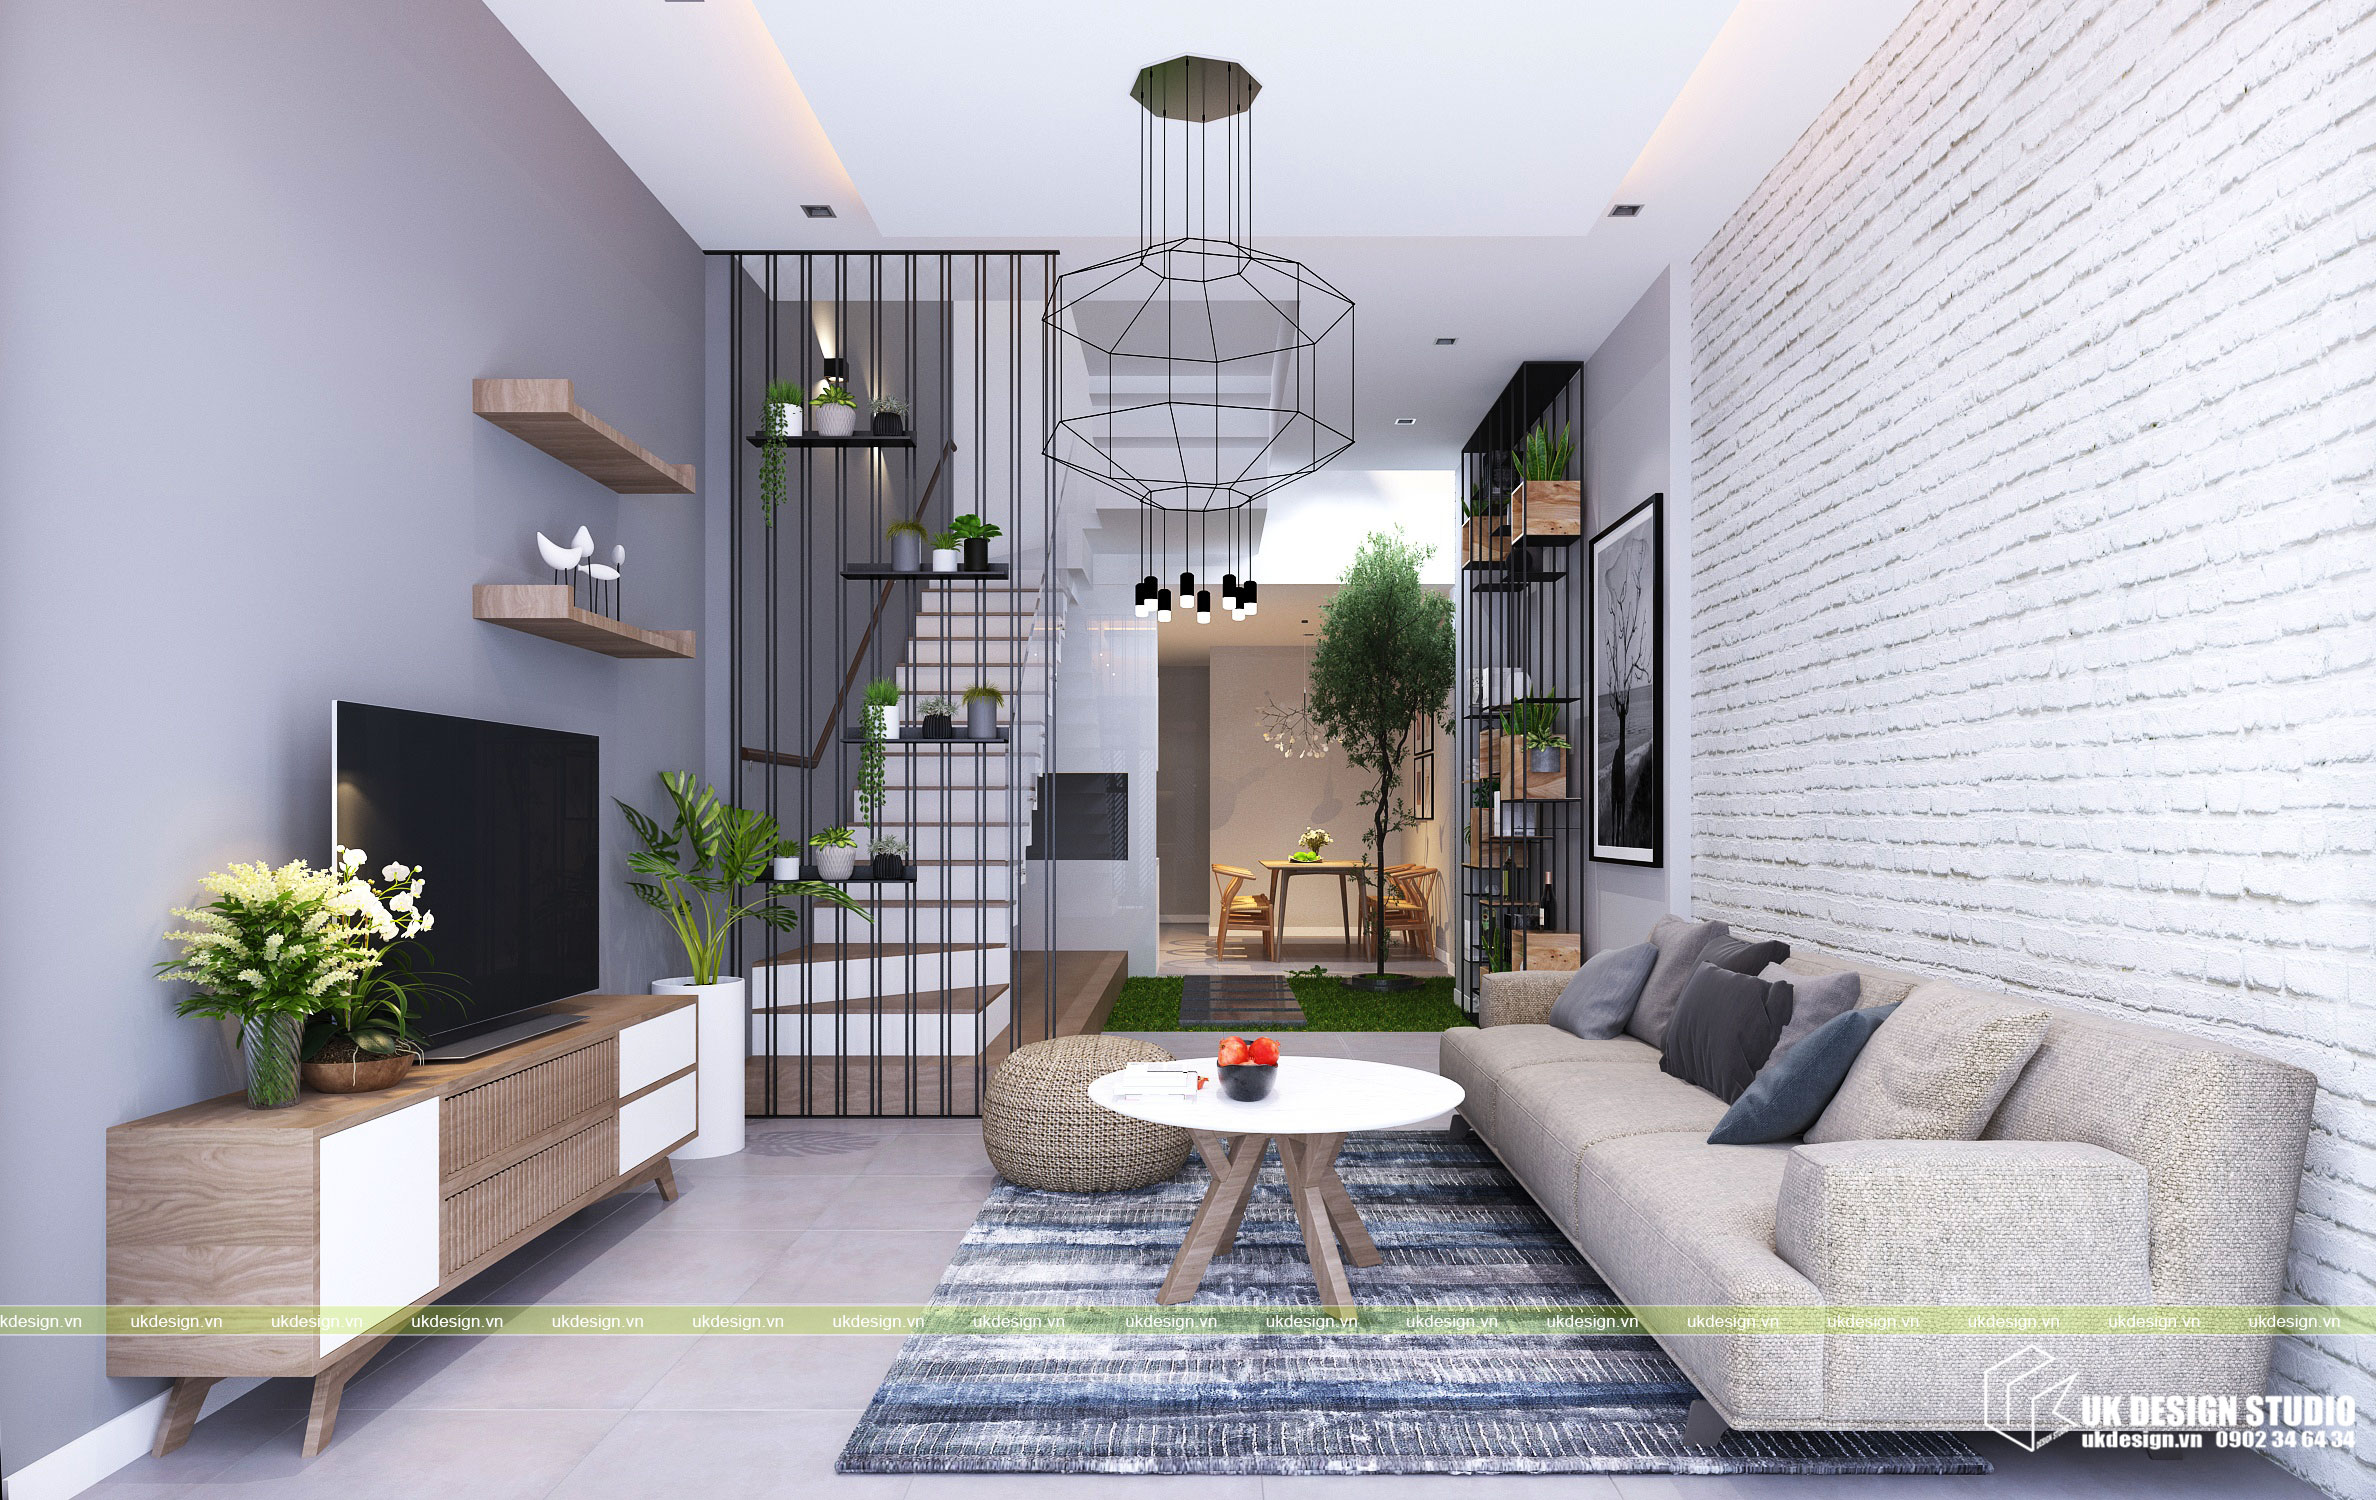 Thiết kế nội thất nhà phố 2 tầng hiện đại